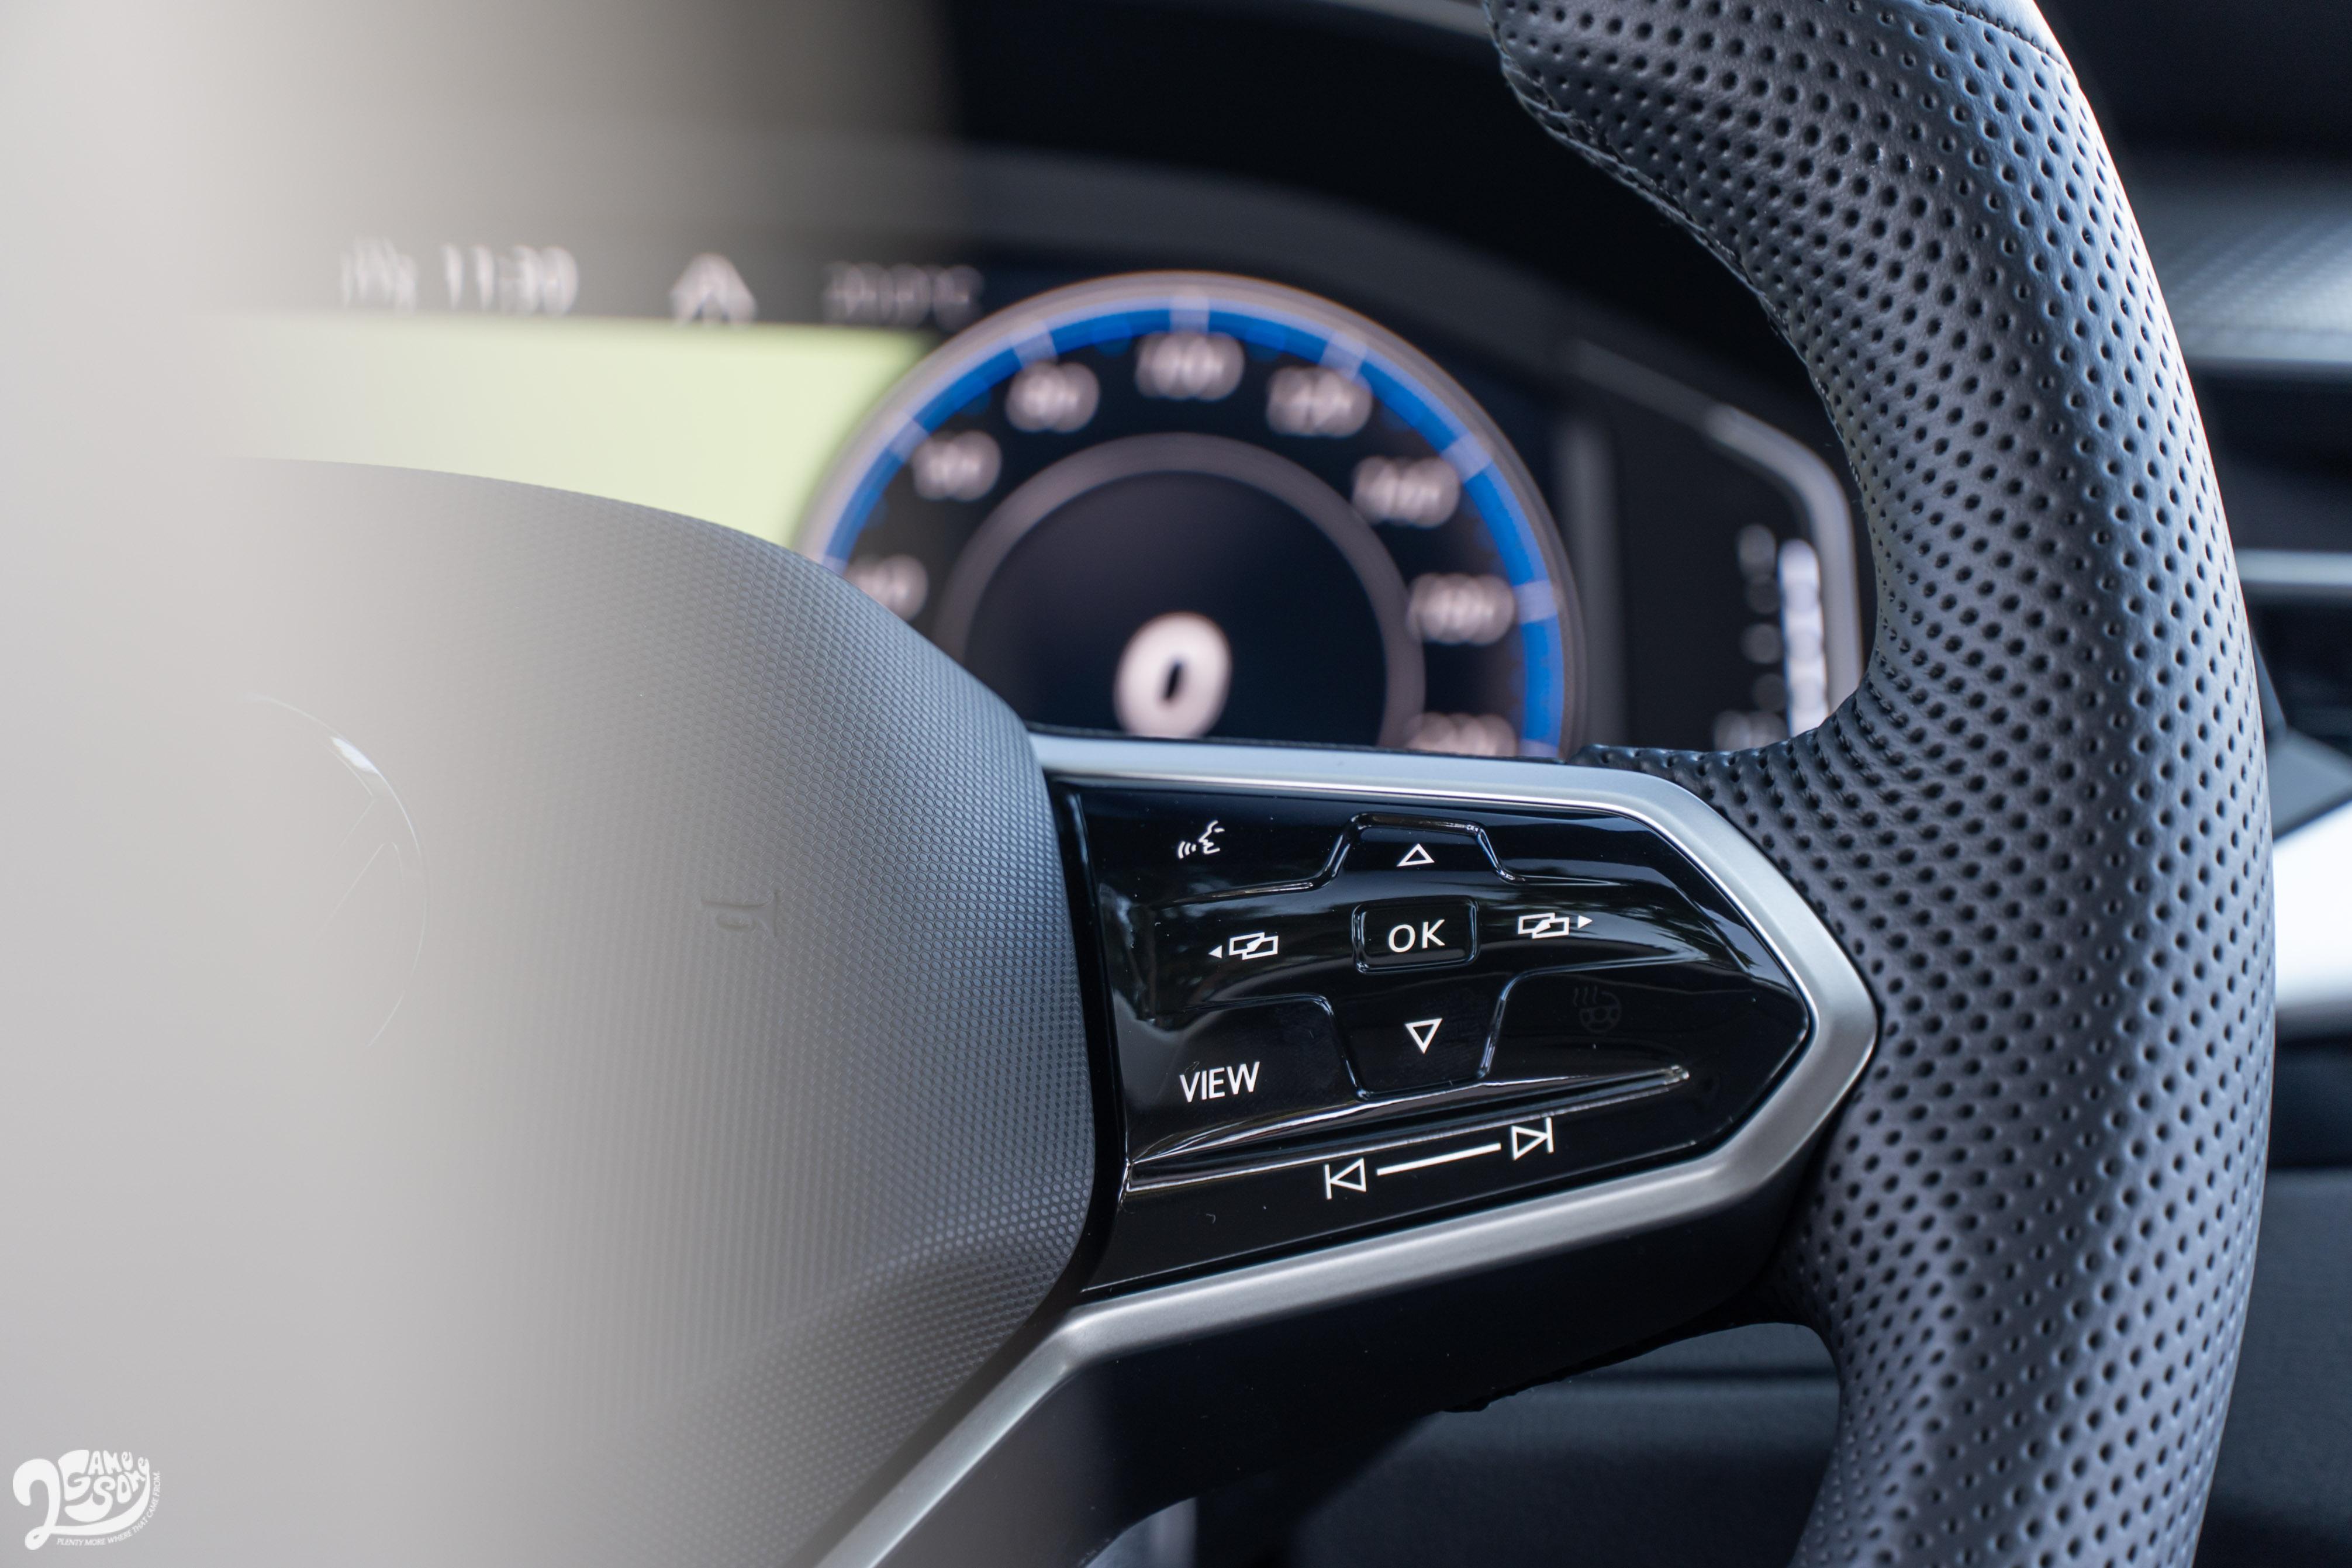 方向盤功能觸控設計不僅展現科技度,操作邏輯上也挺清楚易懂。